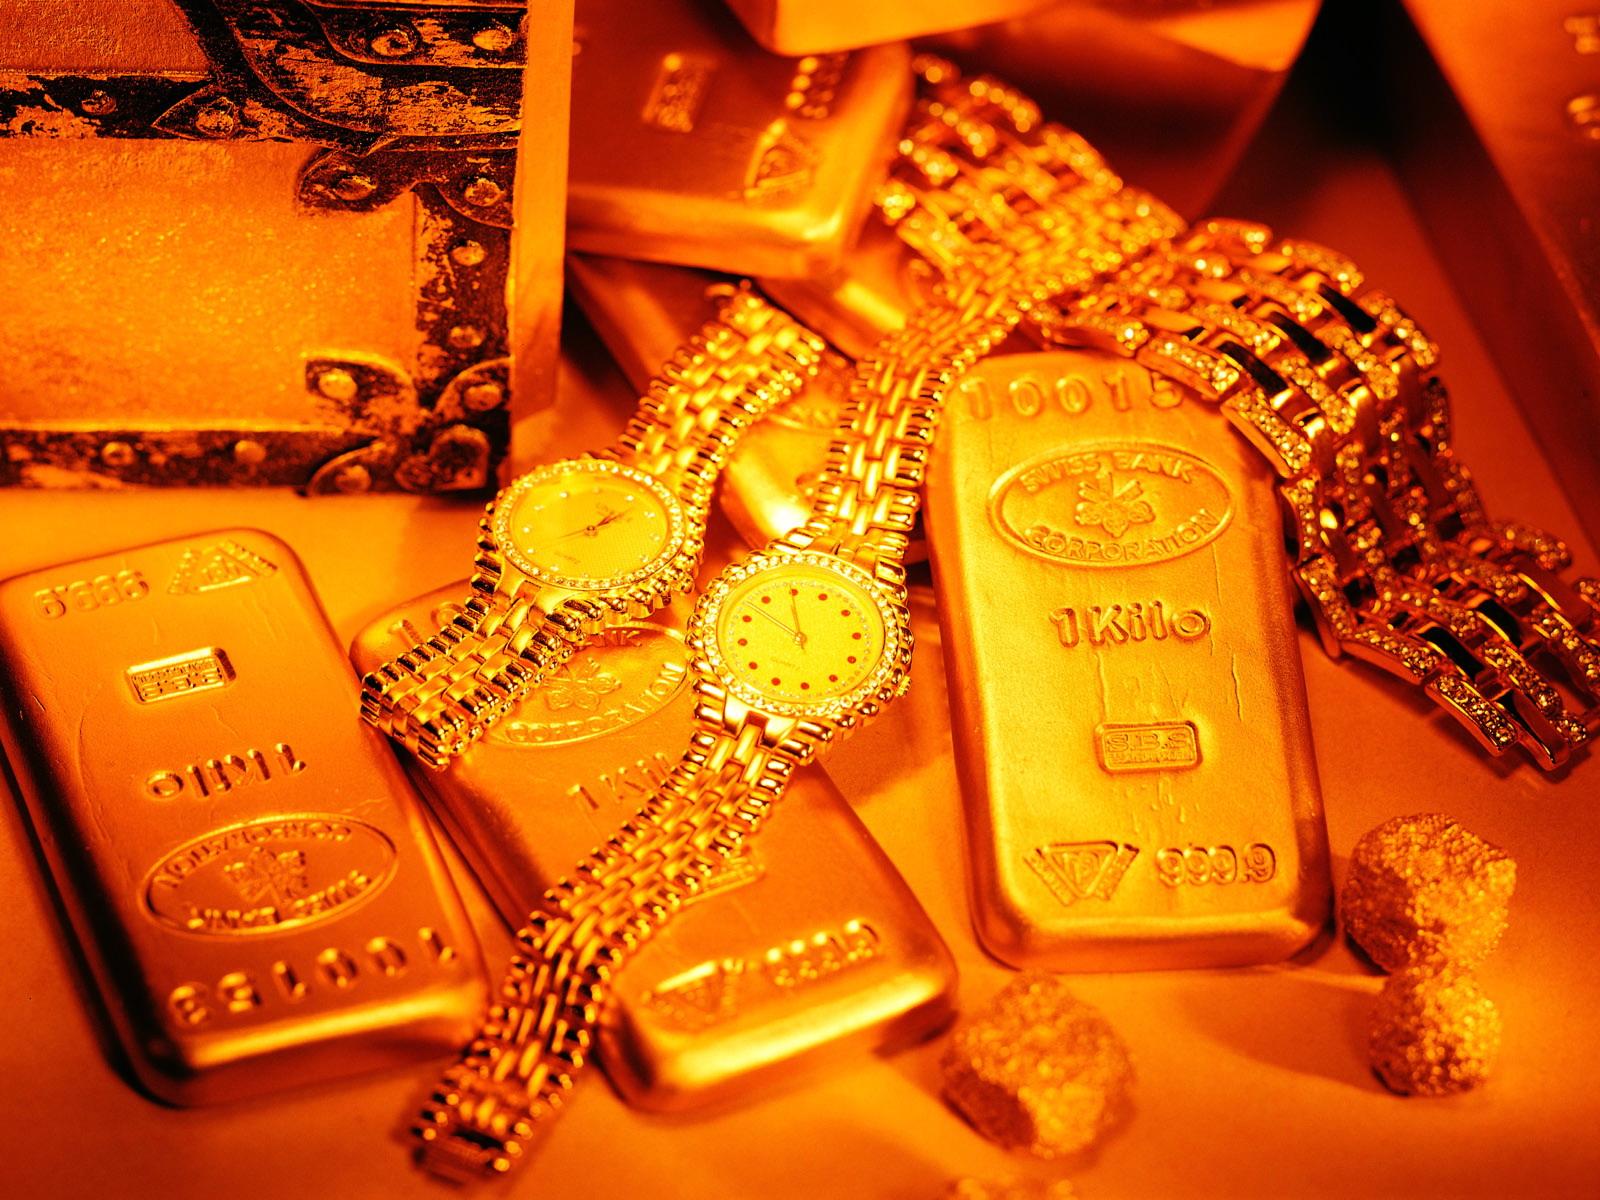 http://2.bp.blogspot.com/_cY1l96f0e6c/TMWb_C4W3eI/AAAAAAAAAWU/F-heAcWGGgw/s1600/GOLD+10.jpg